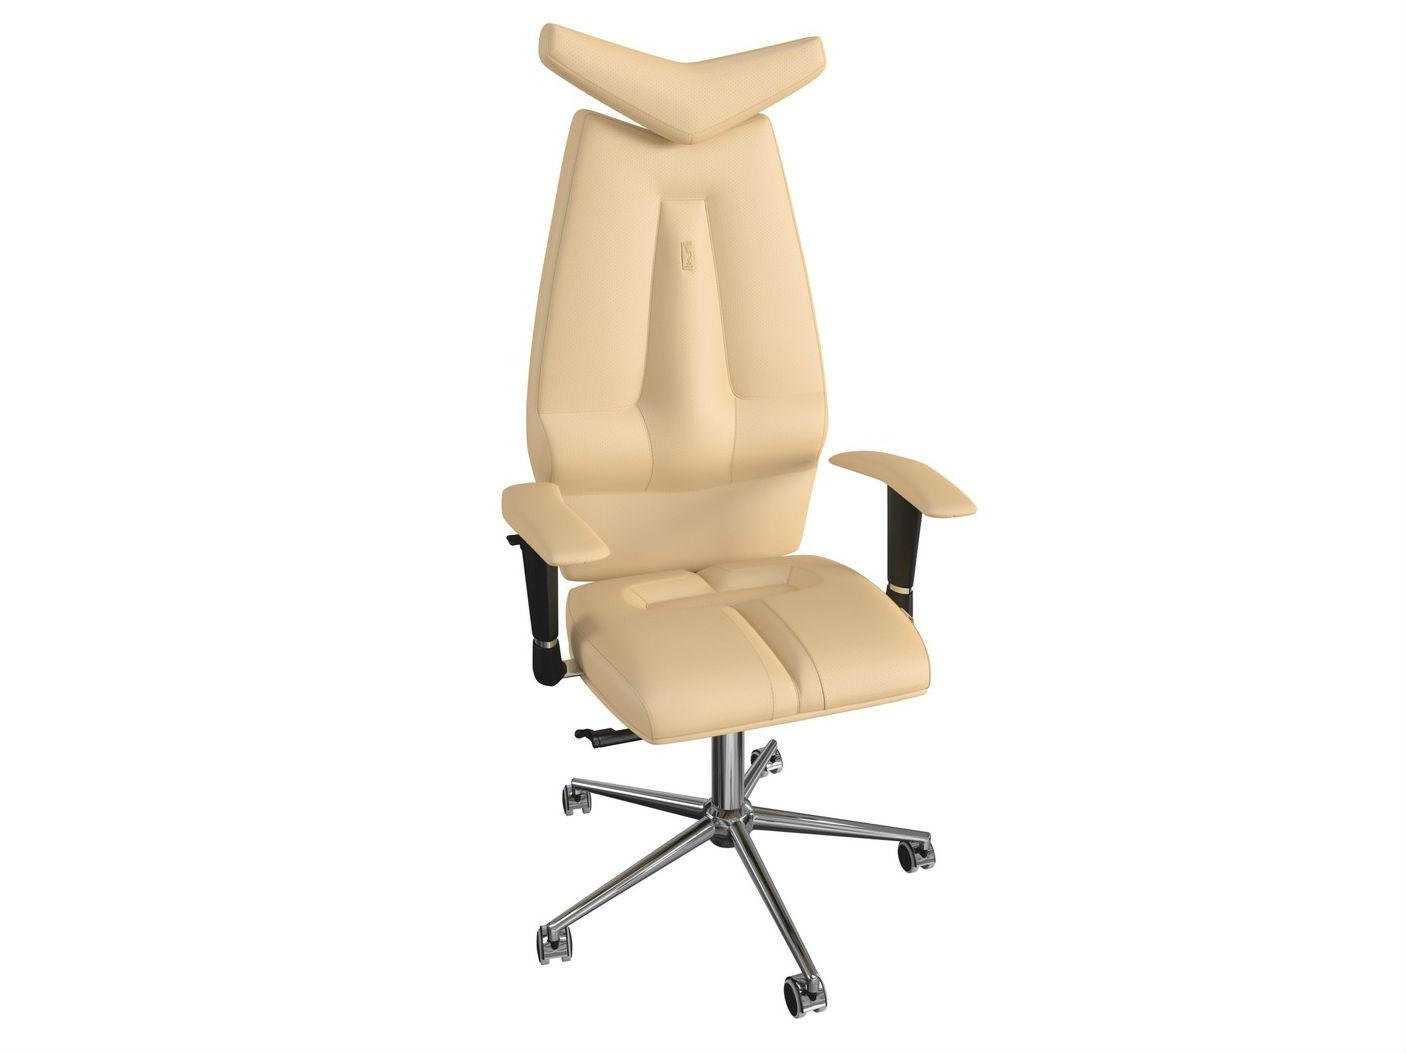 Кресло JETРабочие кресла<br>Идеальное сочетание абсолютного комфорта, уникального дизайна и полезной эргономики. Благодаря четким линиям и необычному графическому контуру эта модель гармонично дополнит как самый современный офис, так и уютный дом.&amp;amp;nbsp;<br><br>Material: Кожа<br>Length см: None<br>Width см: 72<br>Depth см: 61<br>Height см: 128<br>Diameter см: None